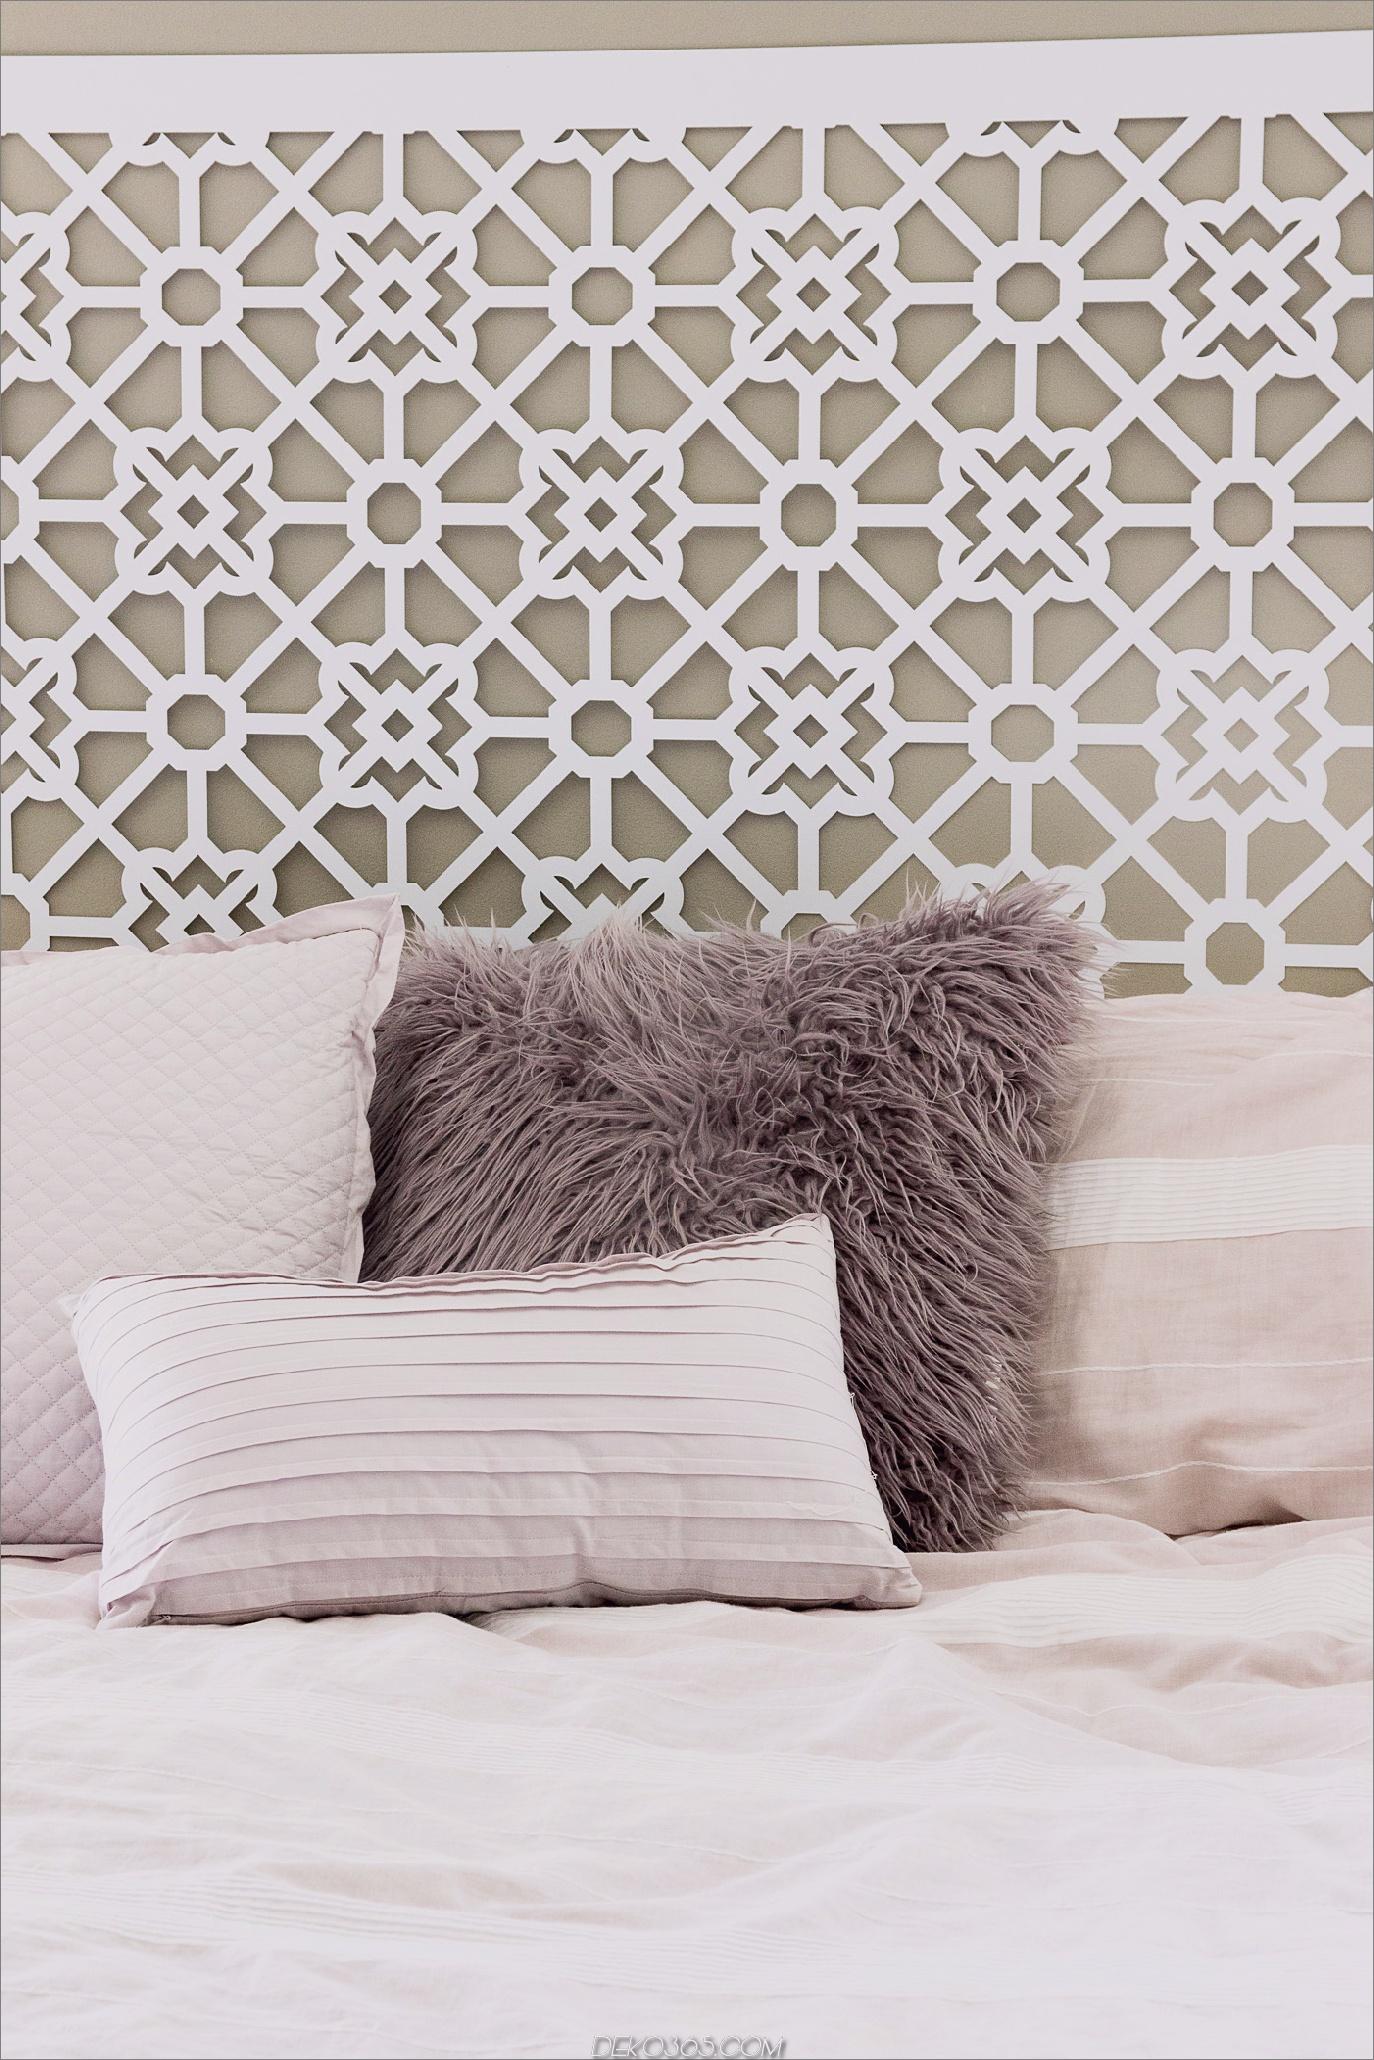 Wenn sich aus irgendeinem Grund ein Raum unvollständig anfühlt, fehlen dem Muster möglicherweise Anhaltspunkte.